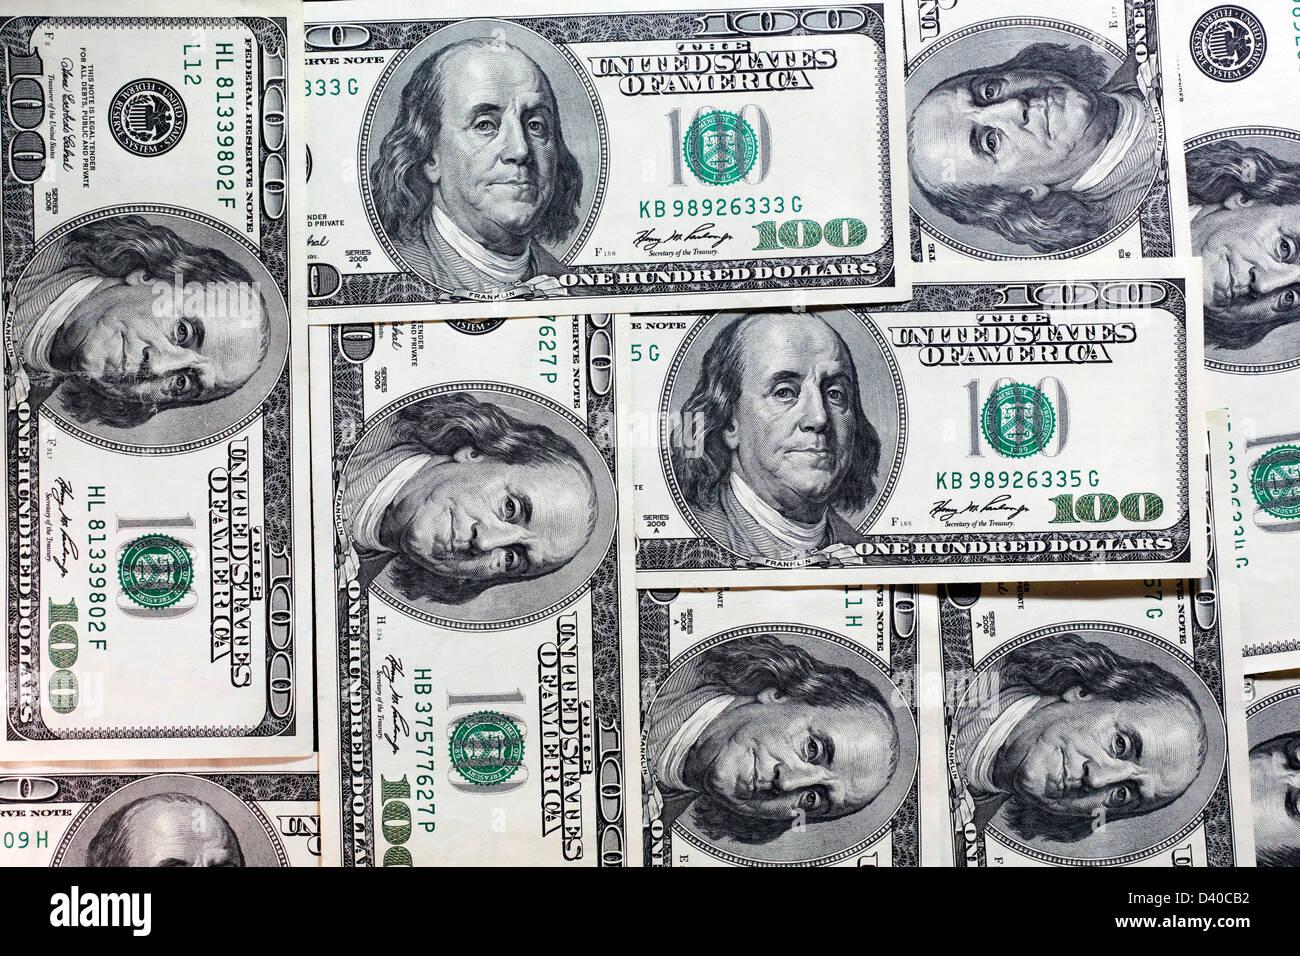 Mosaic made of 100 US Dollars banknotes - Stock Image